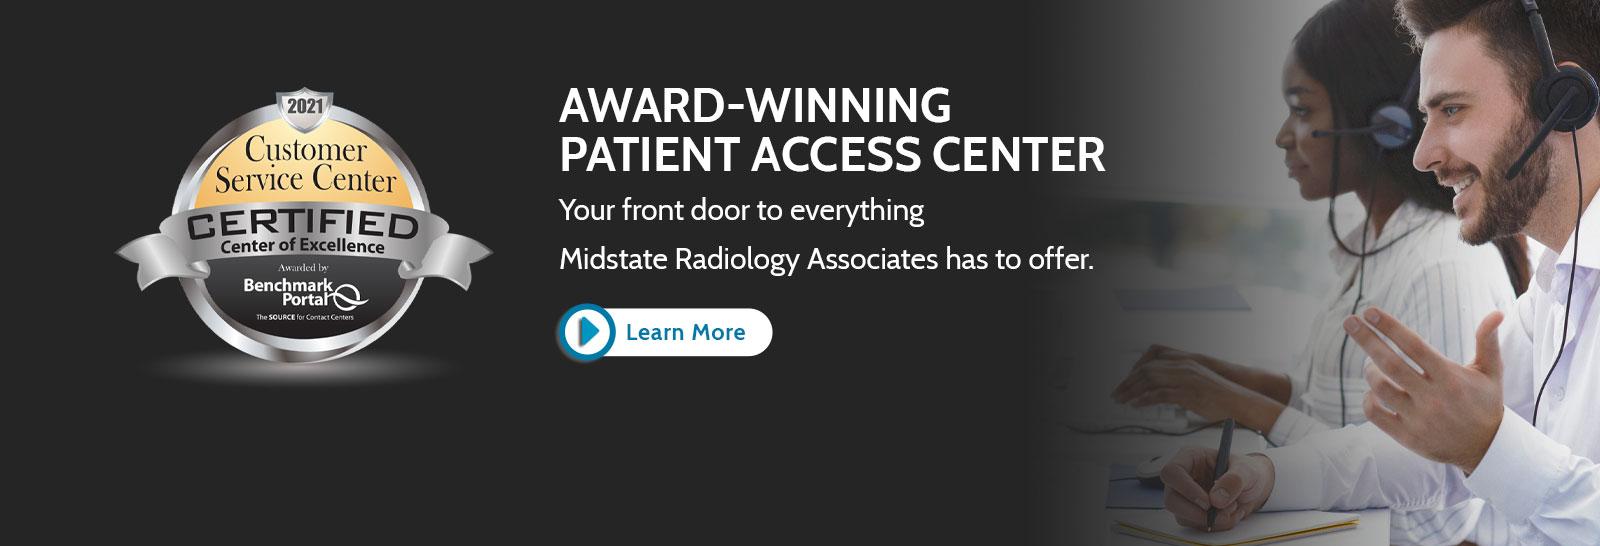 Award Winning Patient Access Center